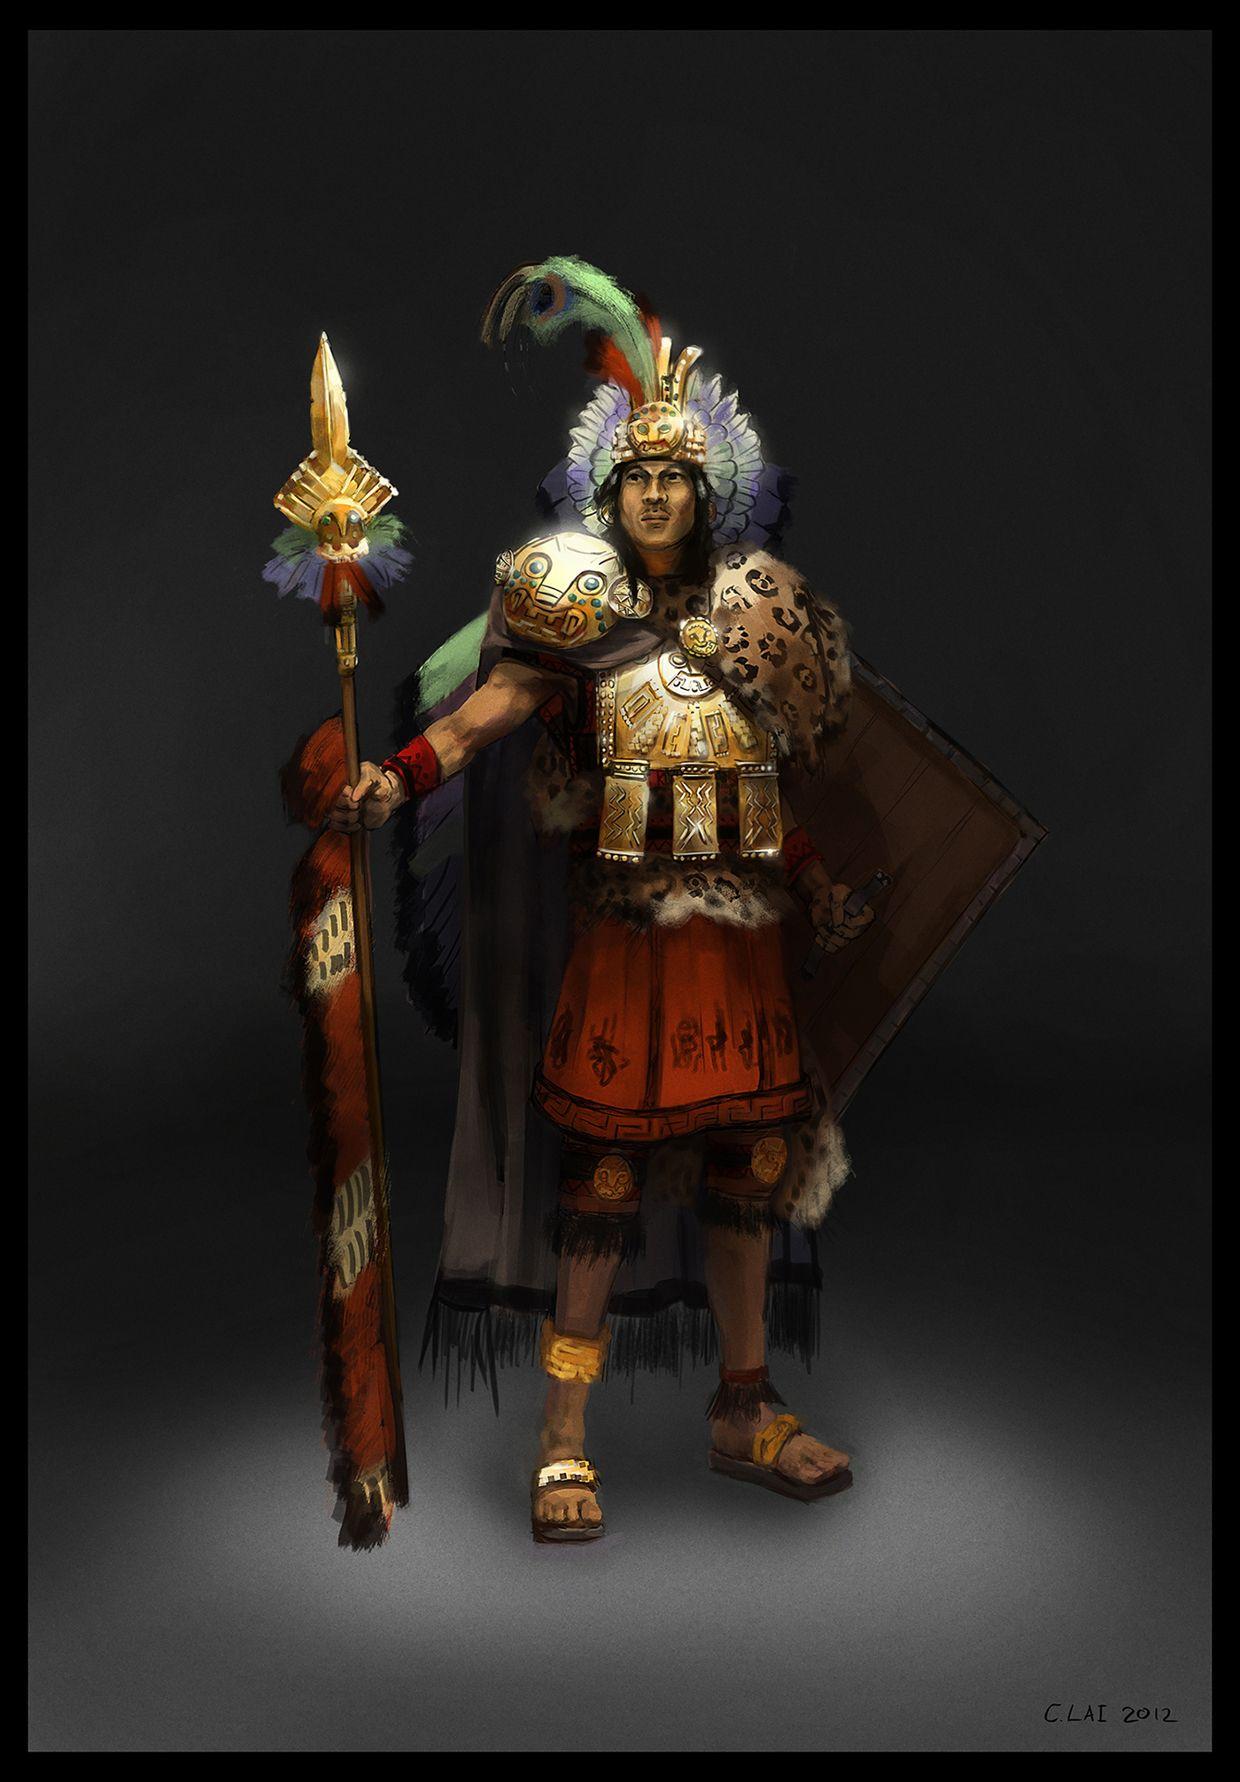 1ec7d9ef249e1048a9e07b91830ee438.jpg (1240×1782) | Character design, Inca,  Art